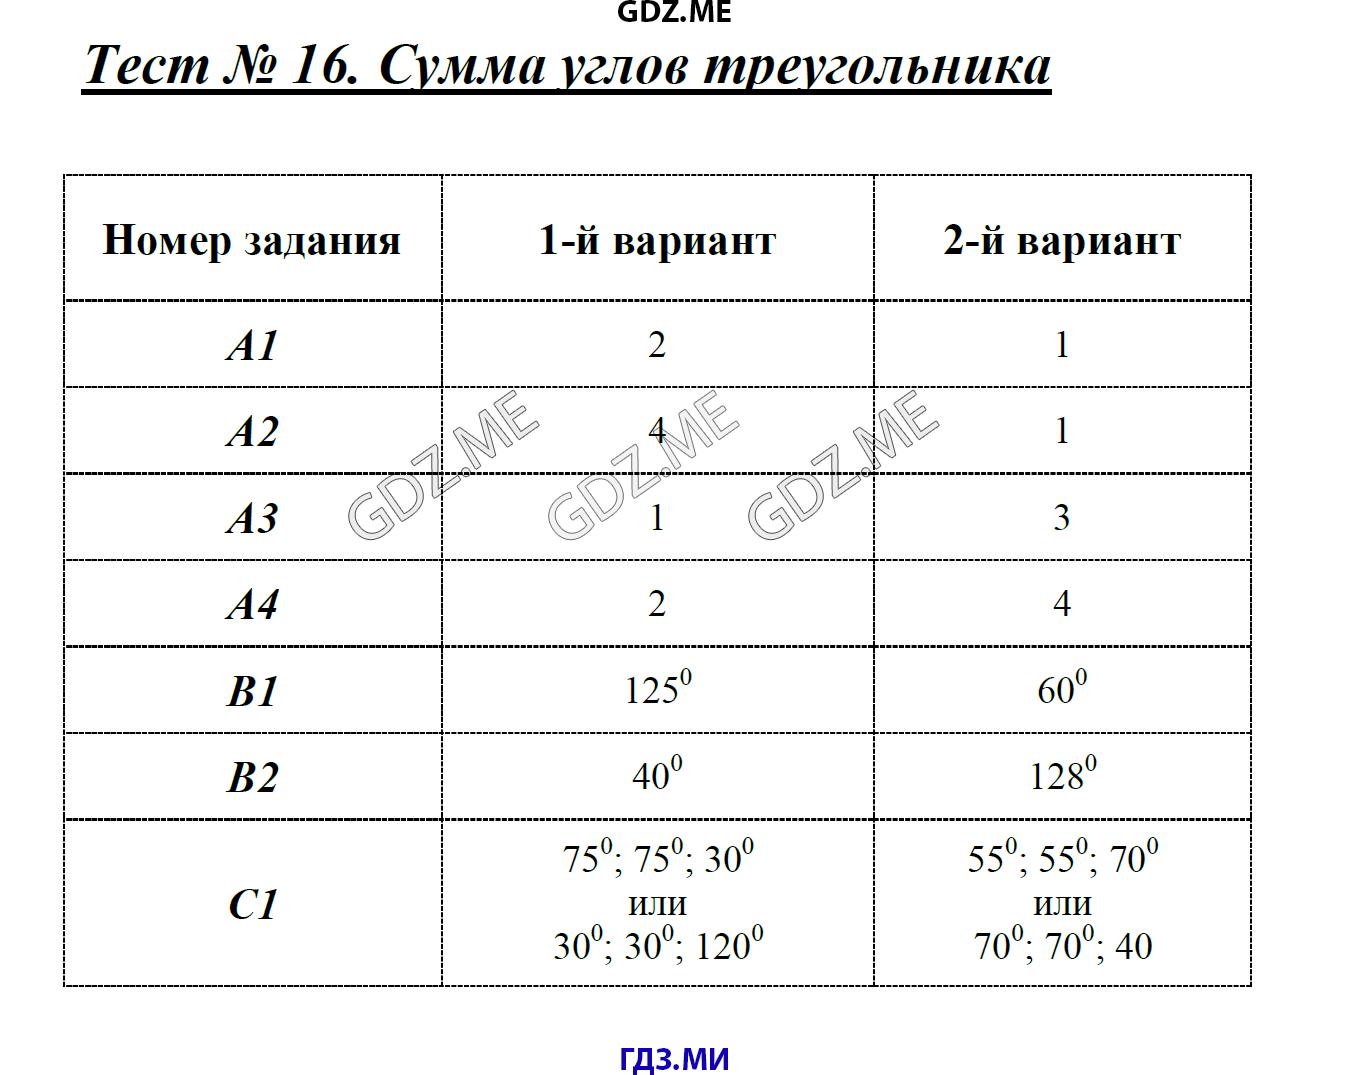 Гдз по геометрии 8 класс гаврилова тест